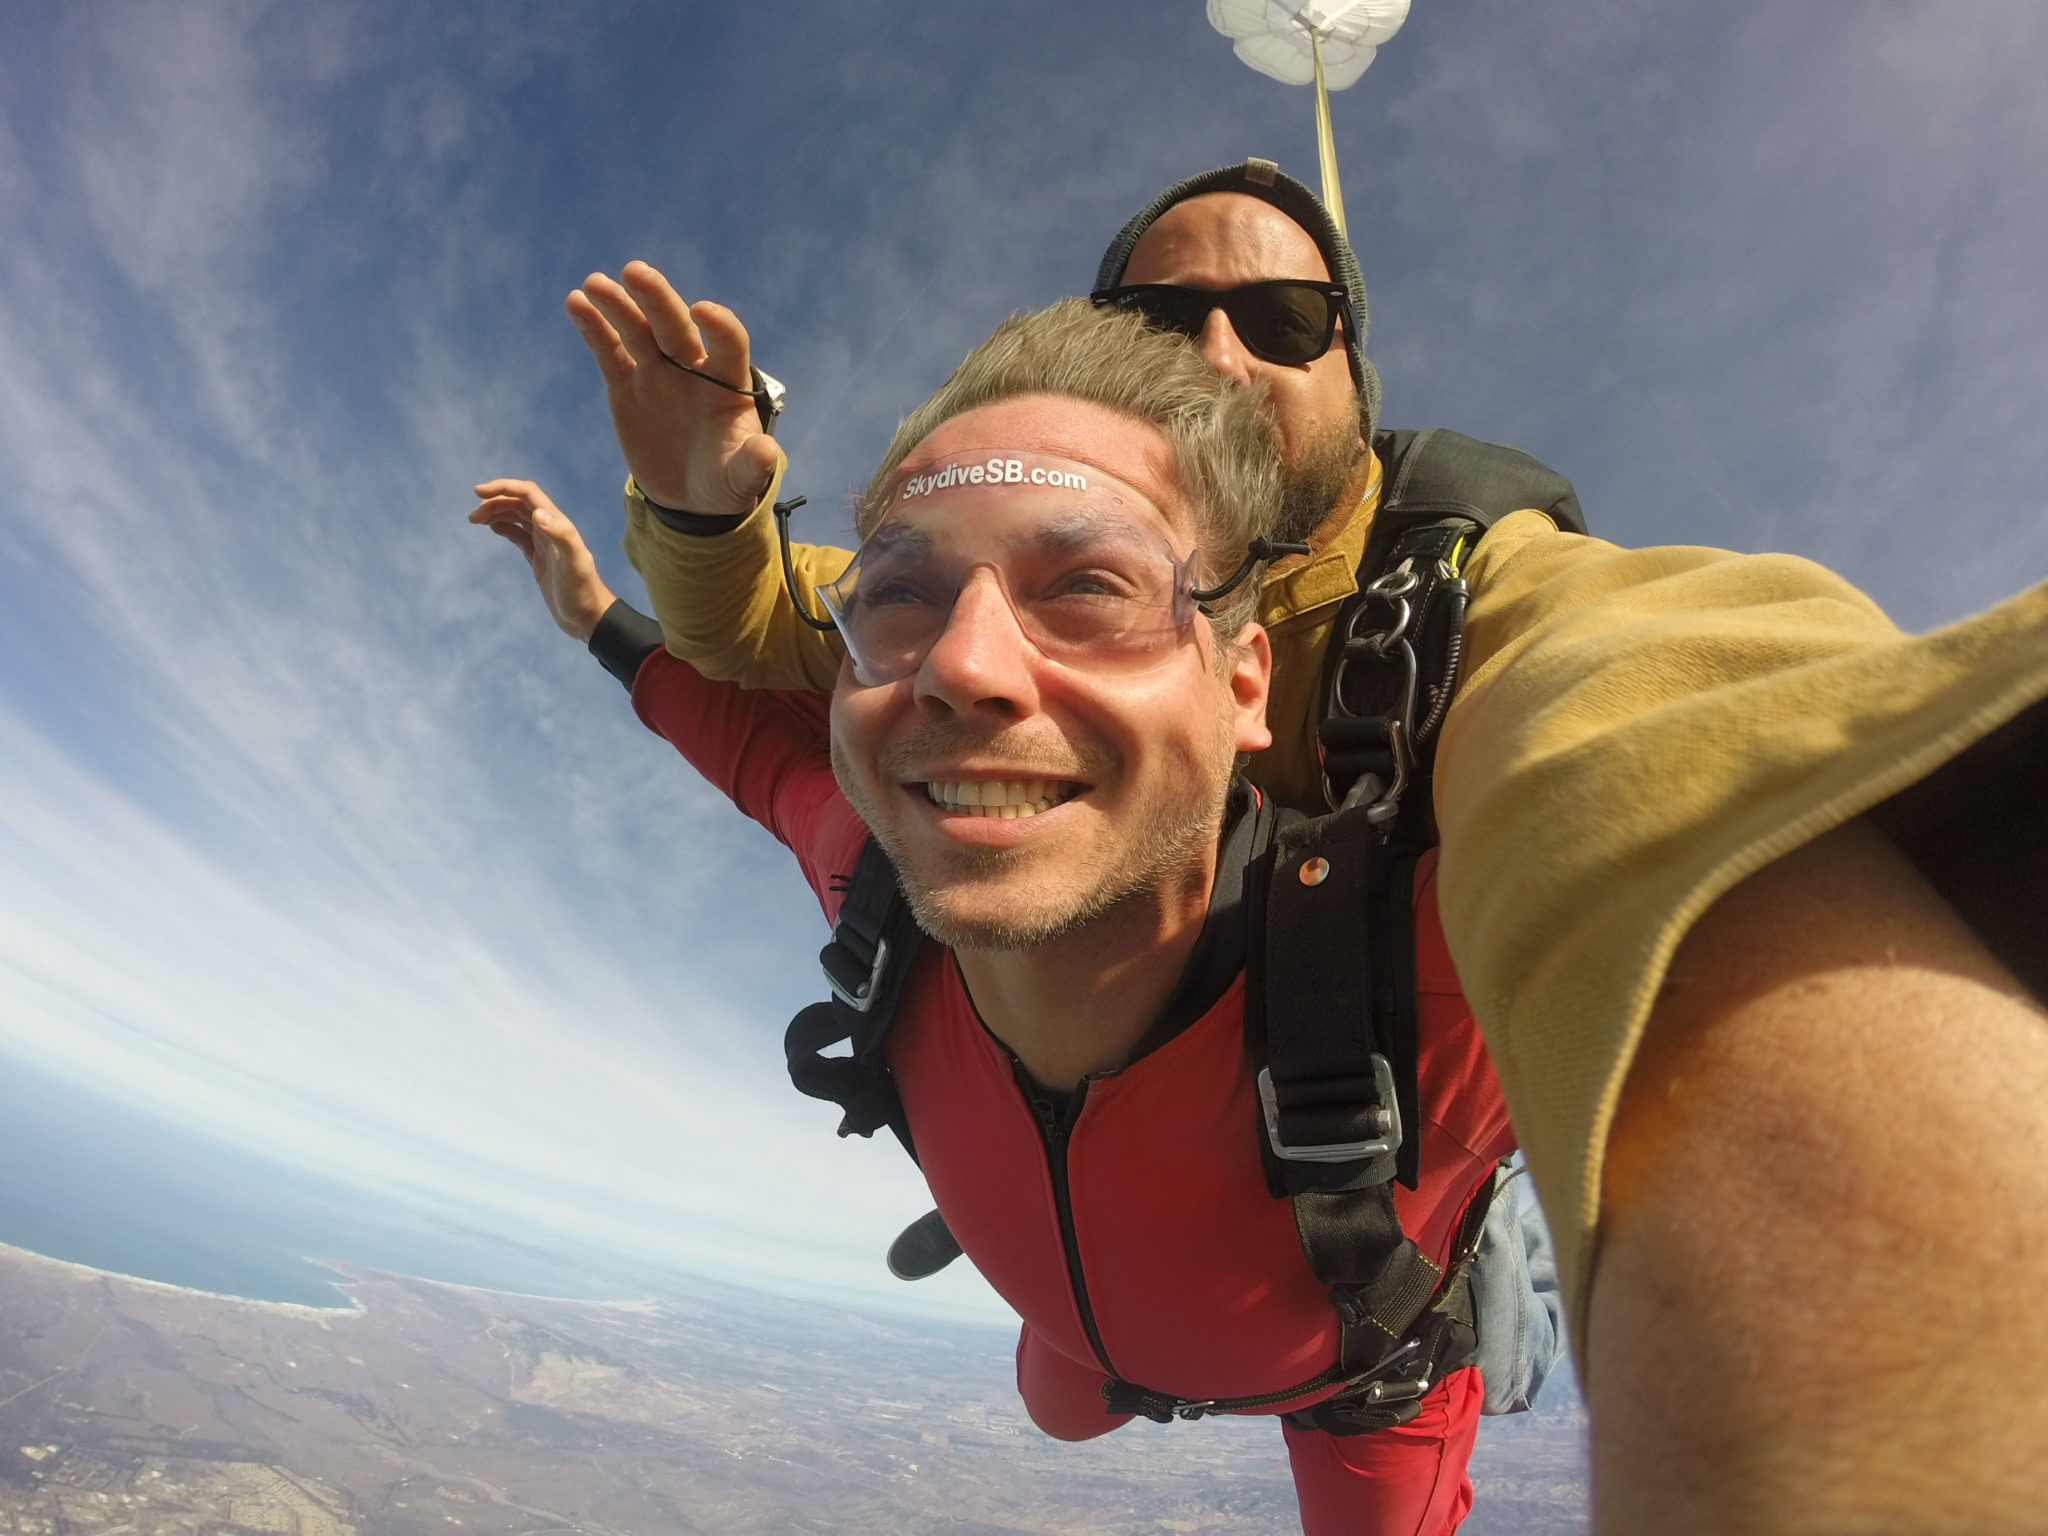 tandem skydiving at Skydive Santa Barbara